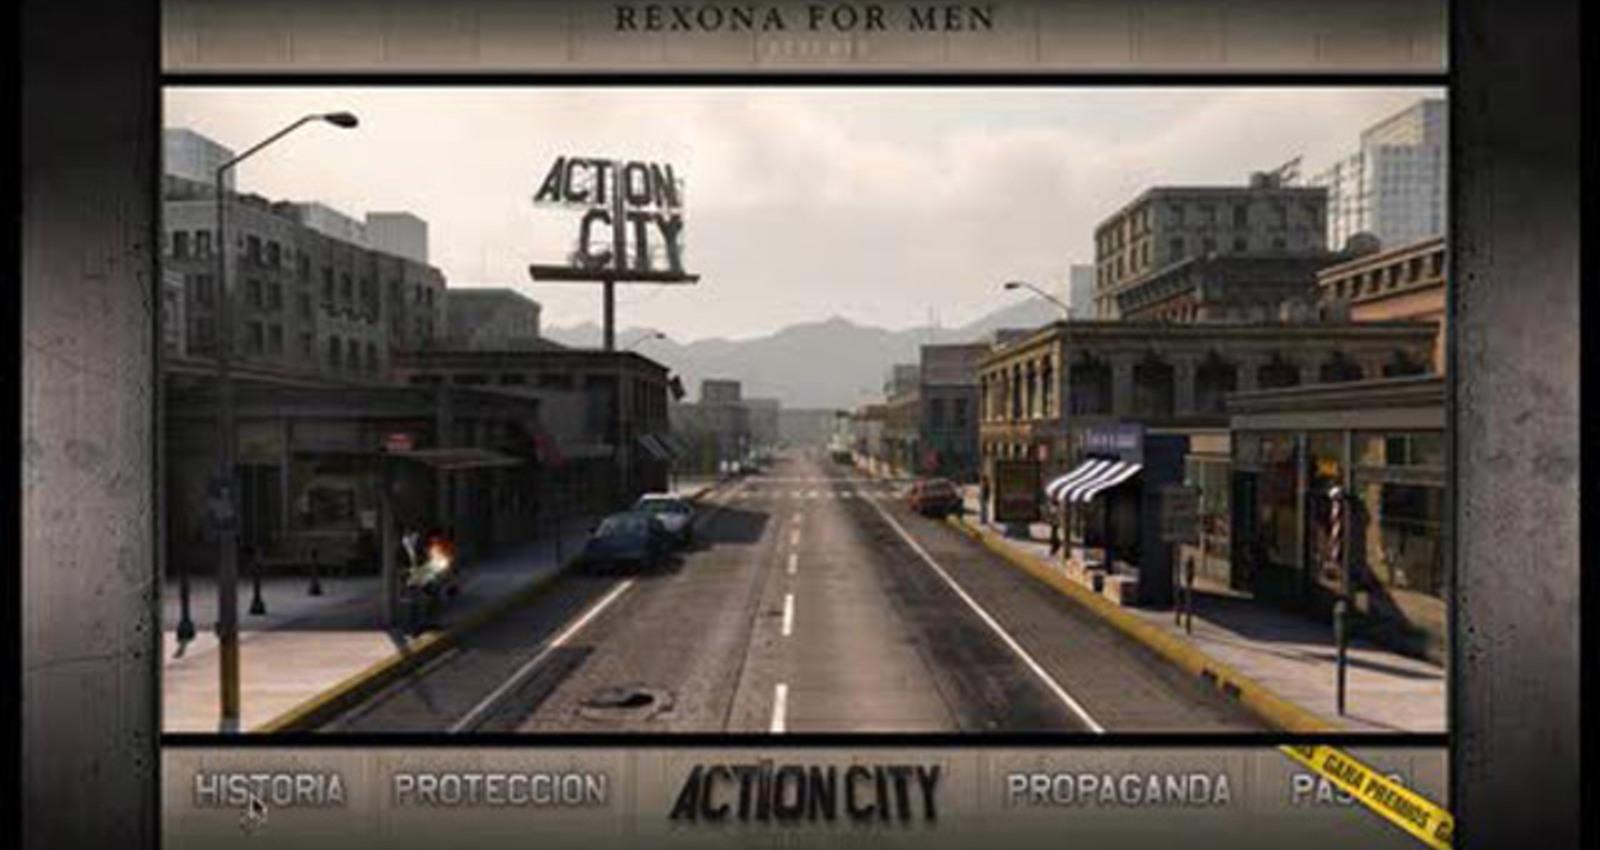 ActionCity